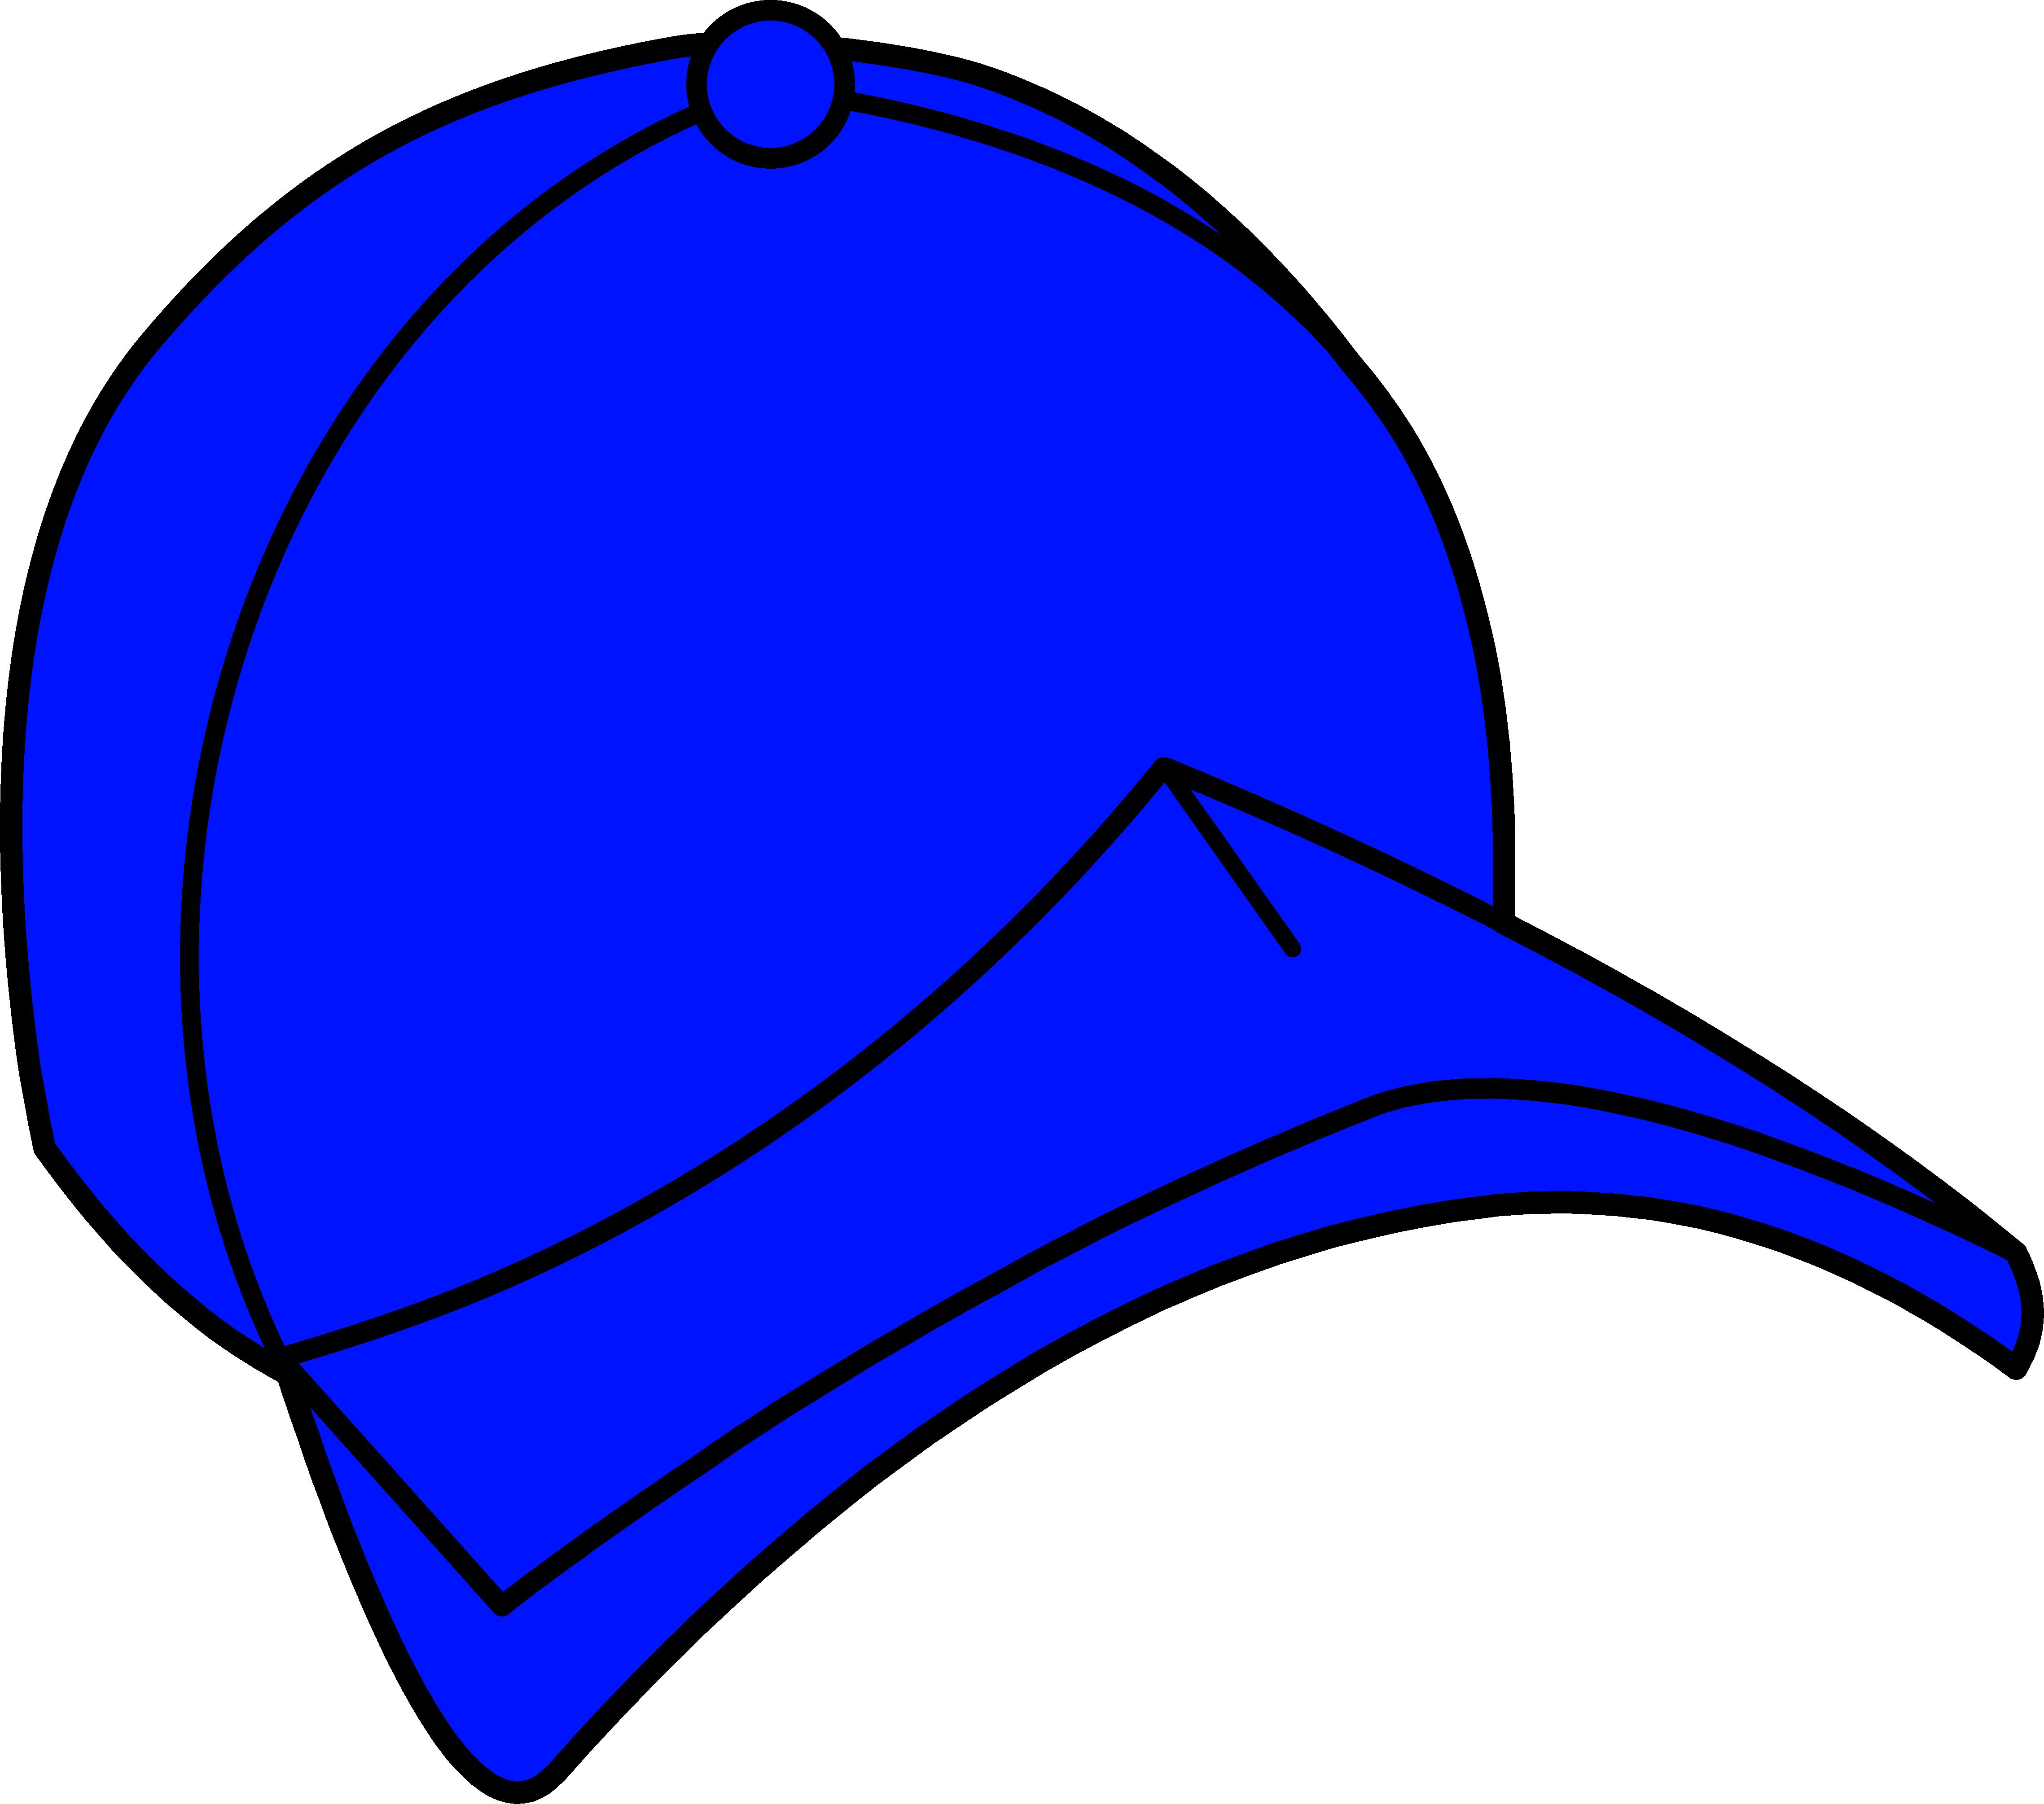 4554x4020 Cap Clipart Blue Cap